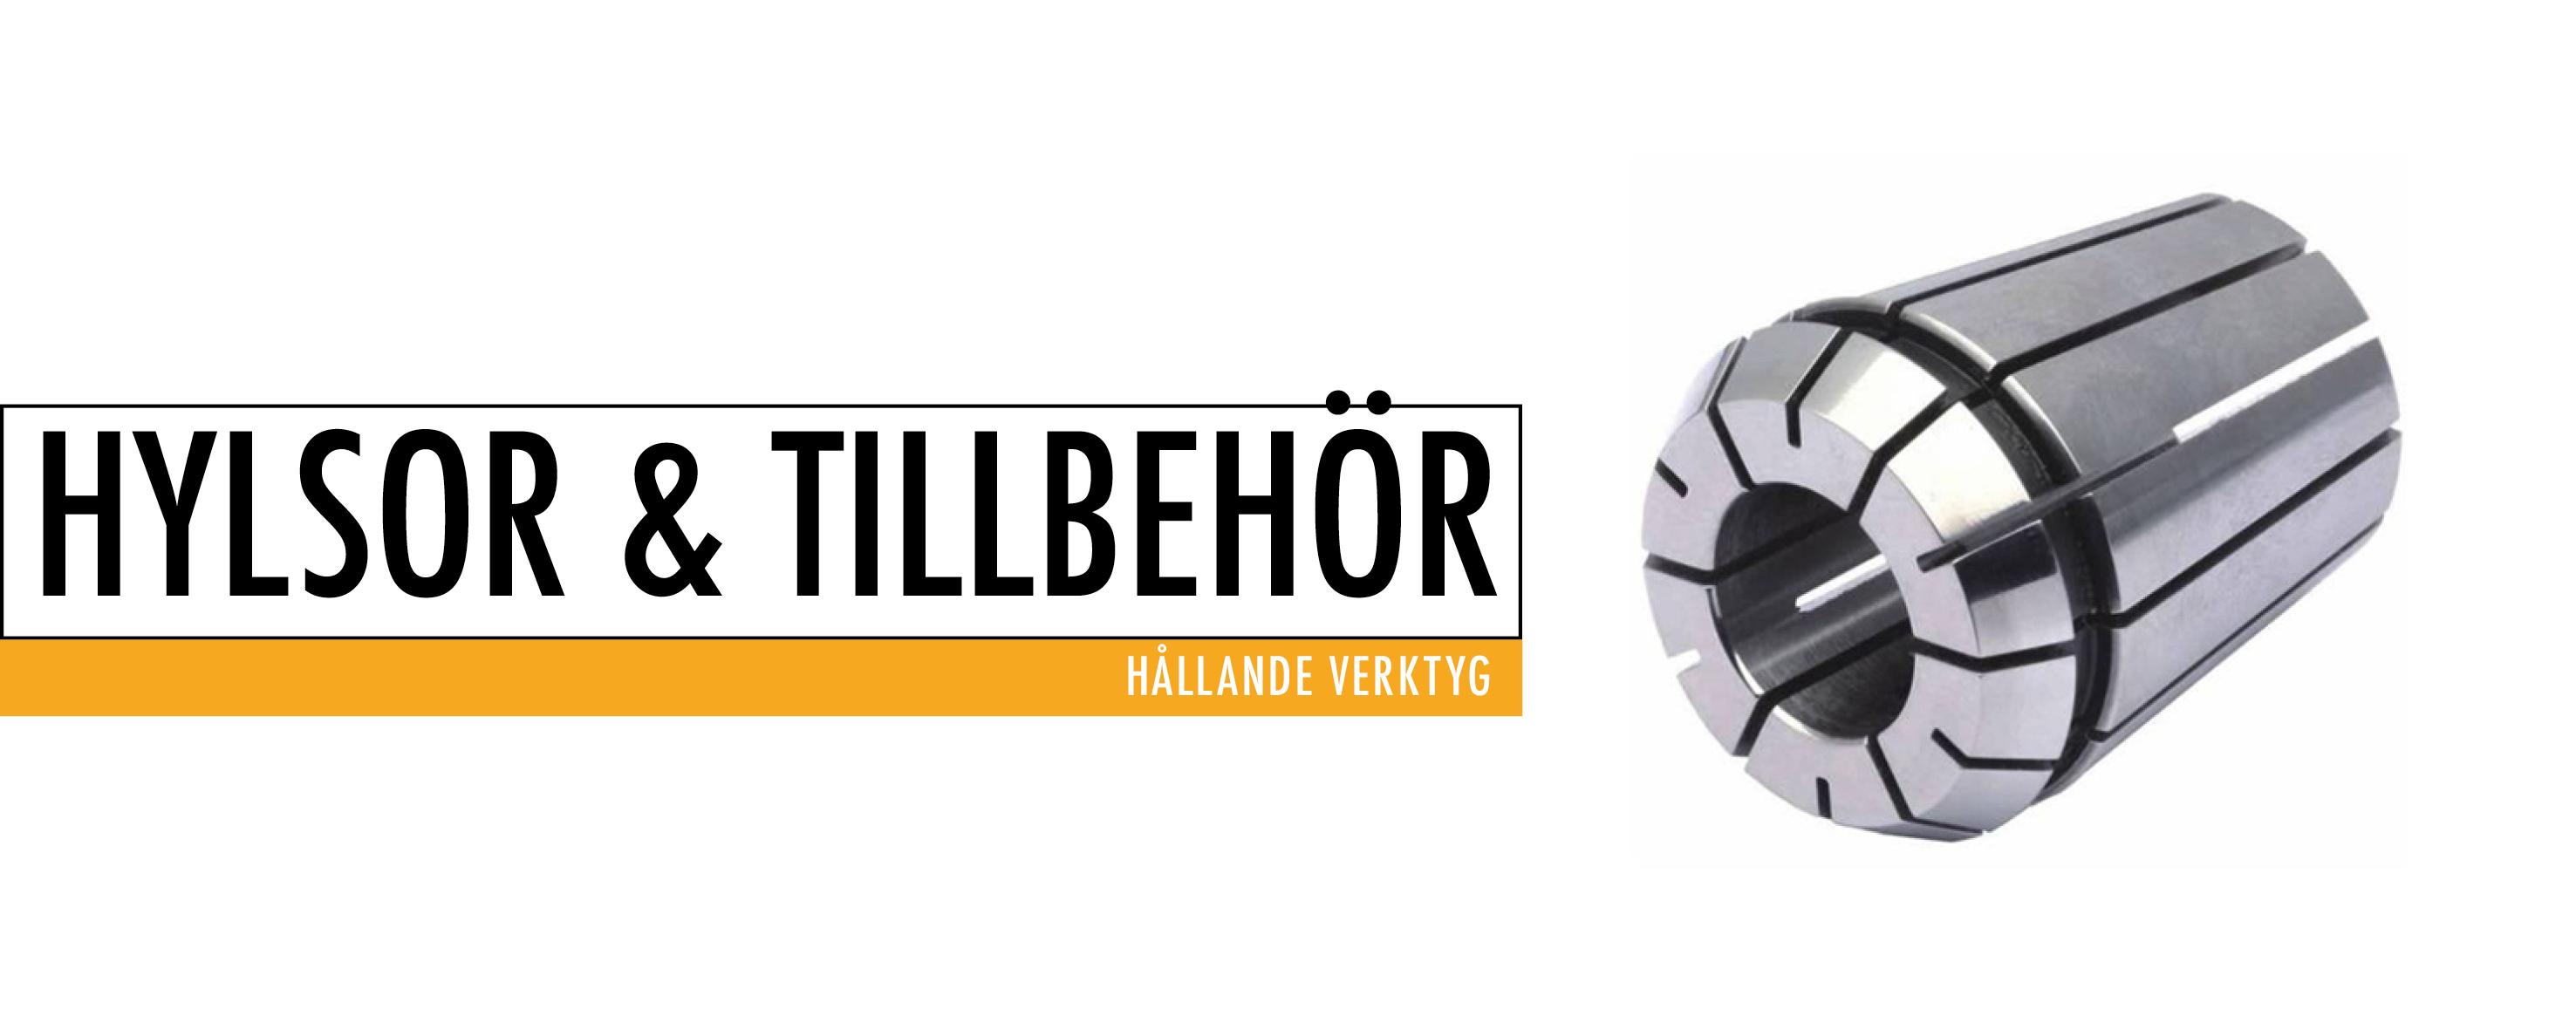 Hylsor & Tillbehör